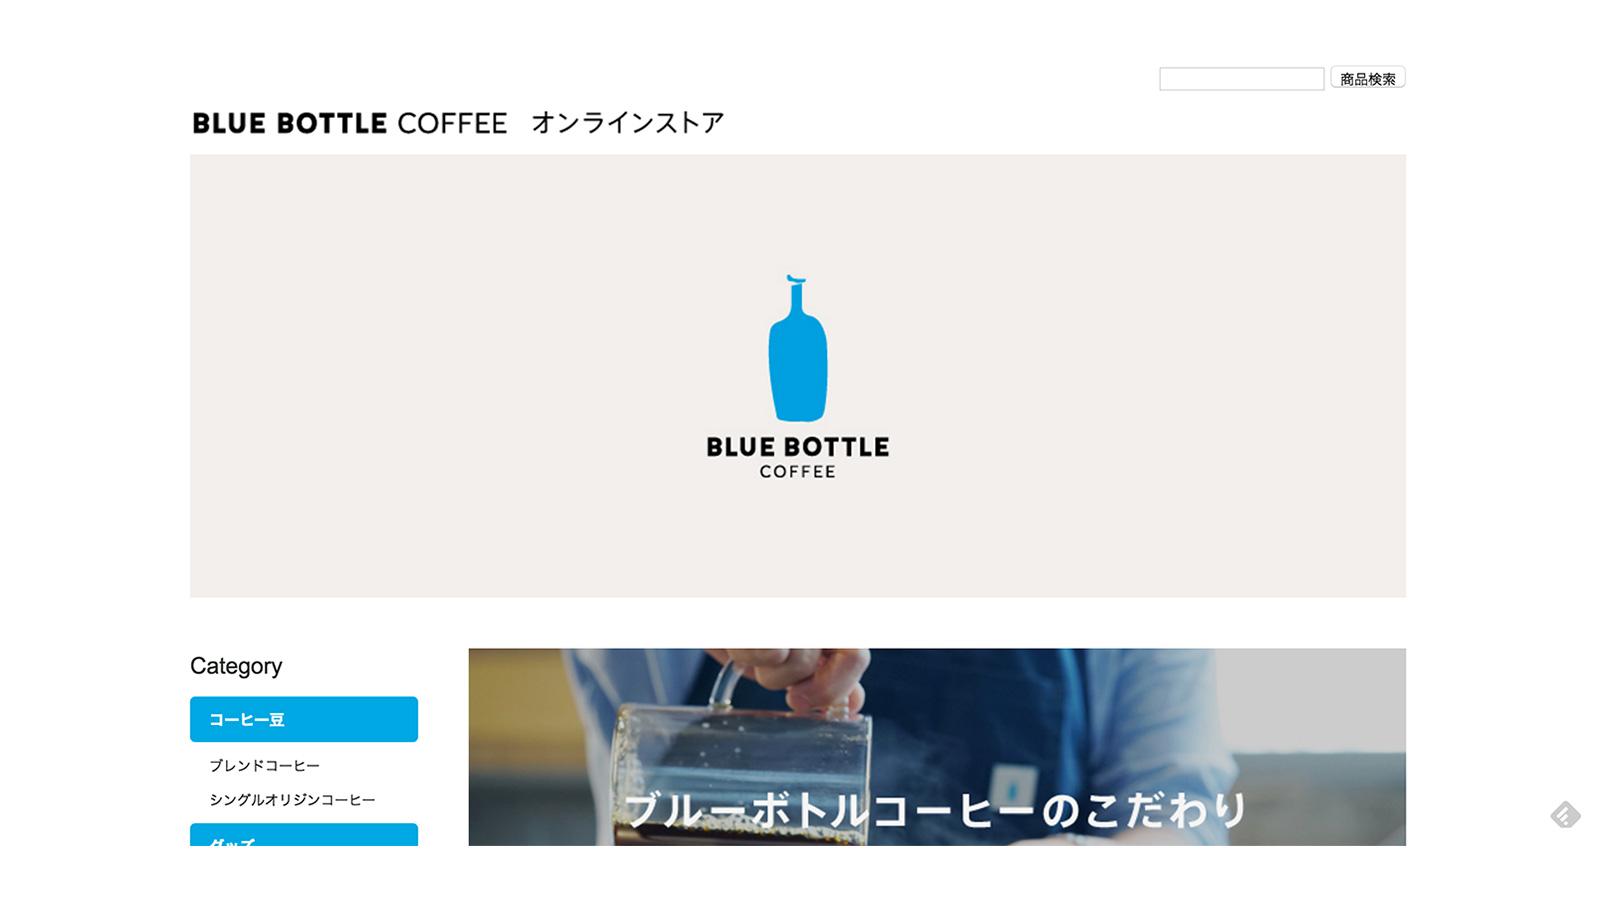 あのブルー・ボトル・コーヒーが自宅でも楽しめるようになりました